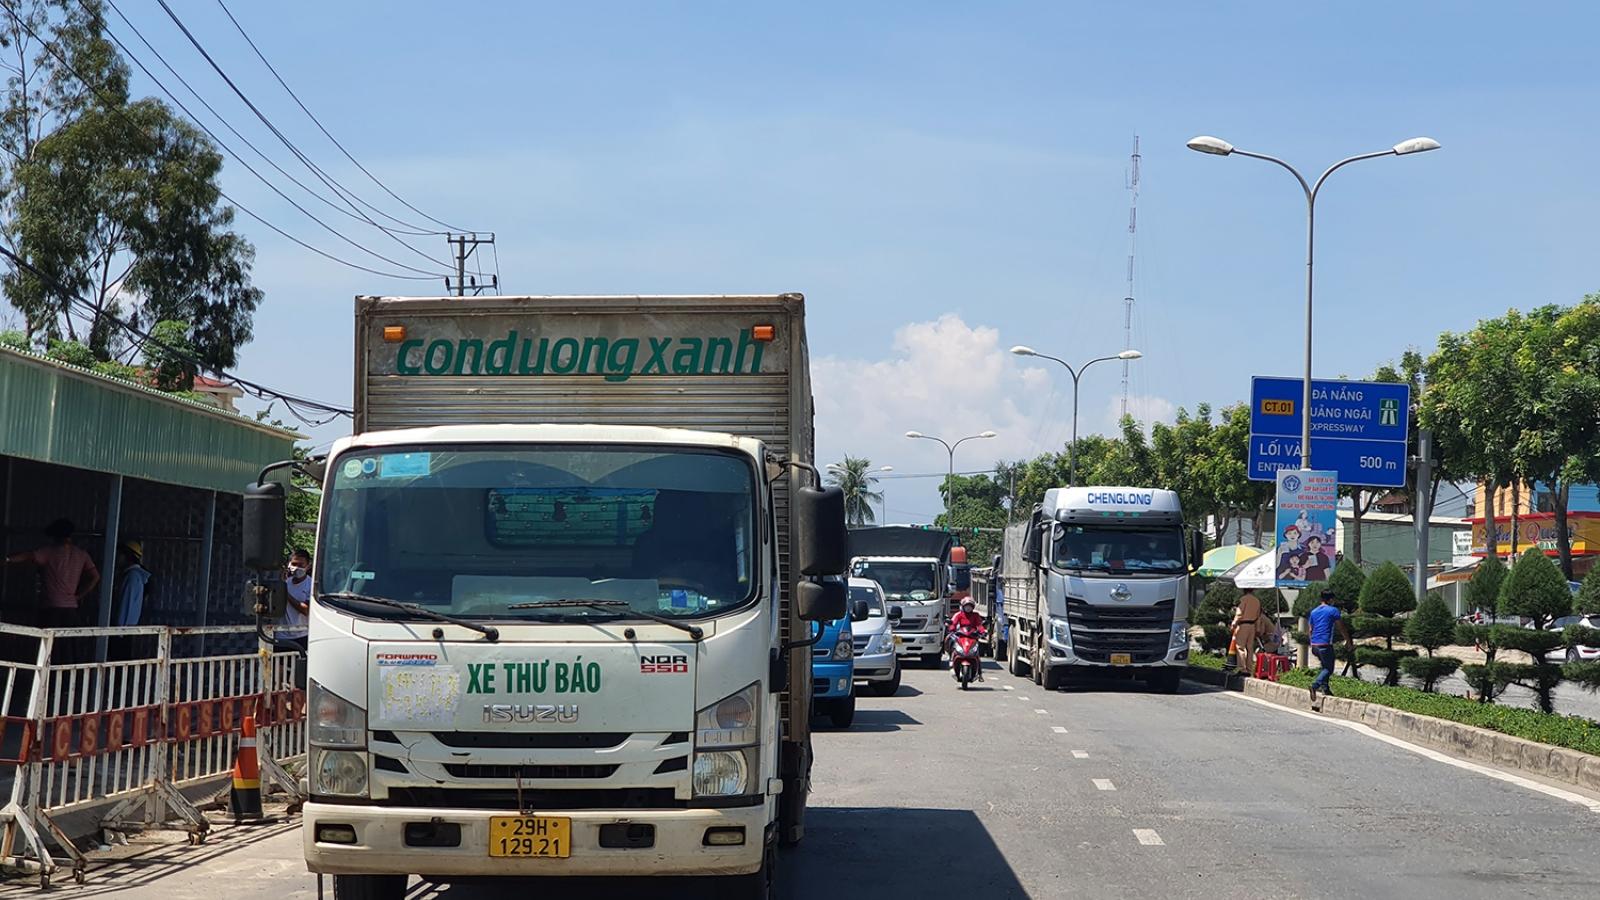 """Xe tải ra vào thành phố Đà Nẵng: """"Trên nói một đường, dưới làm một nẻo"""""""